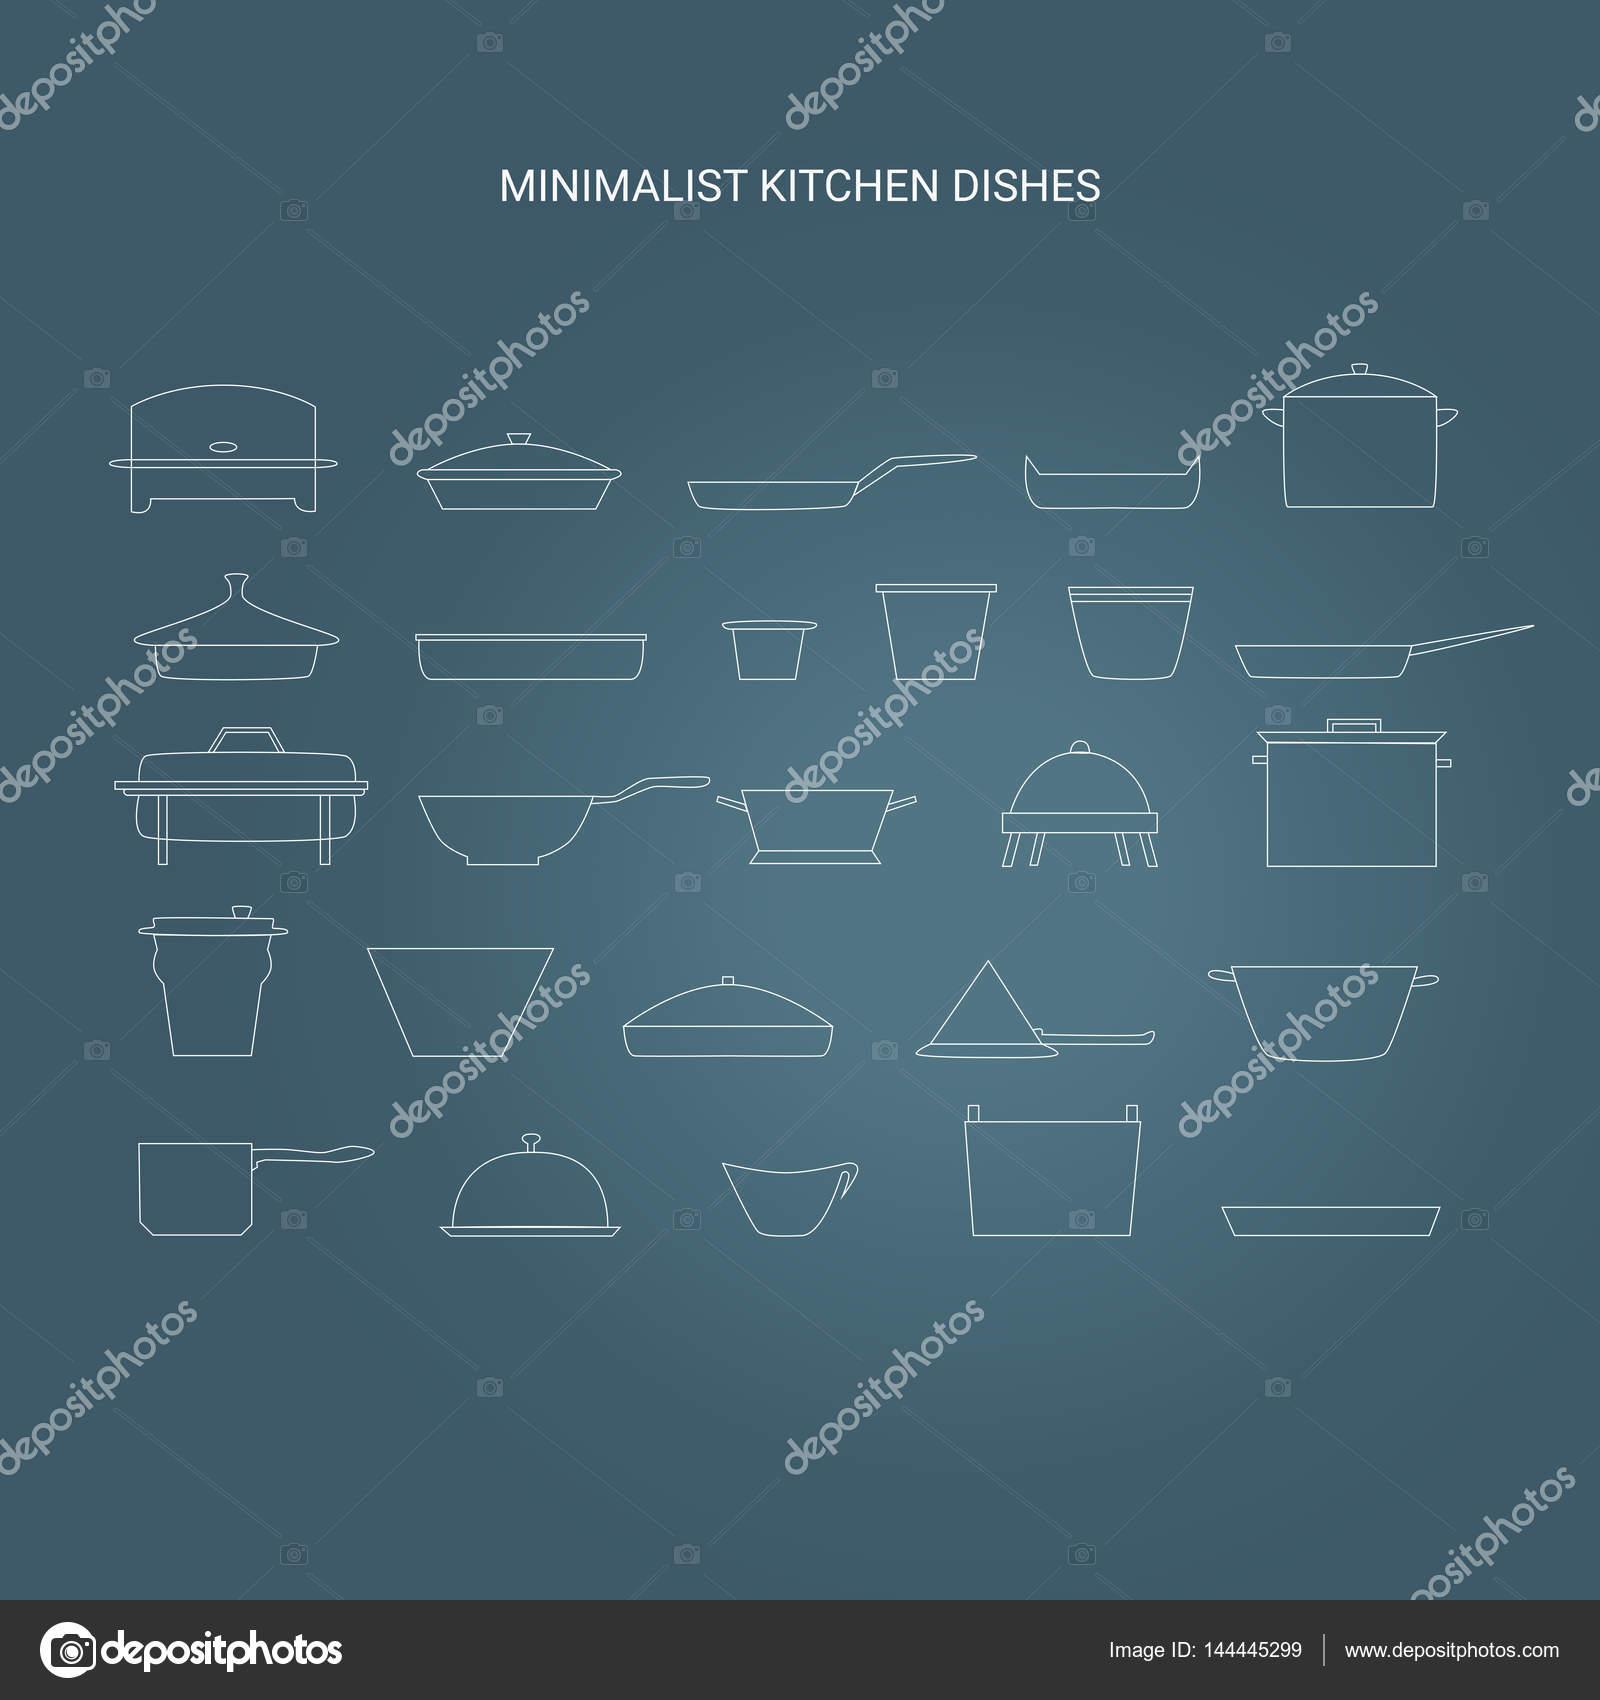 Minimalist kitchen dishes vector restaurant essentials icon set